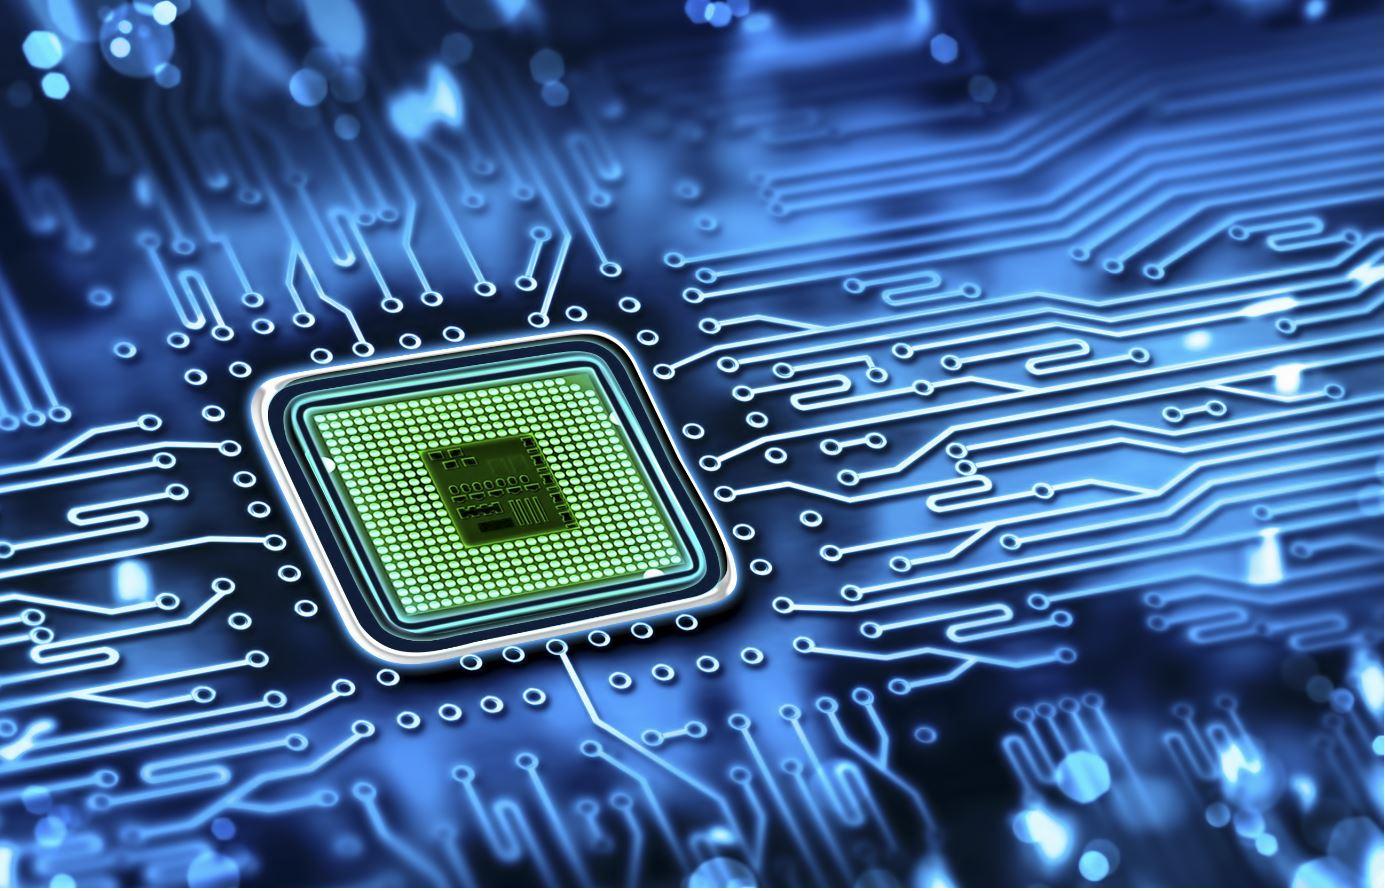 SMall_green circuit board